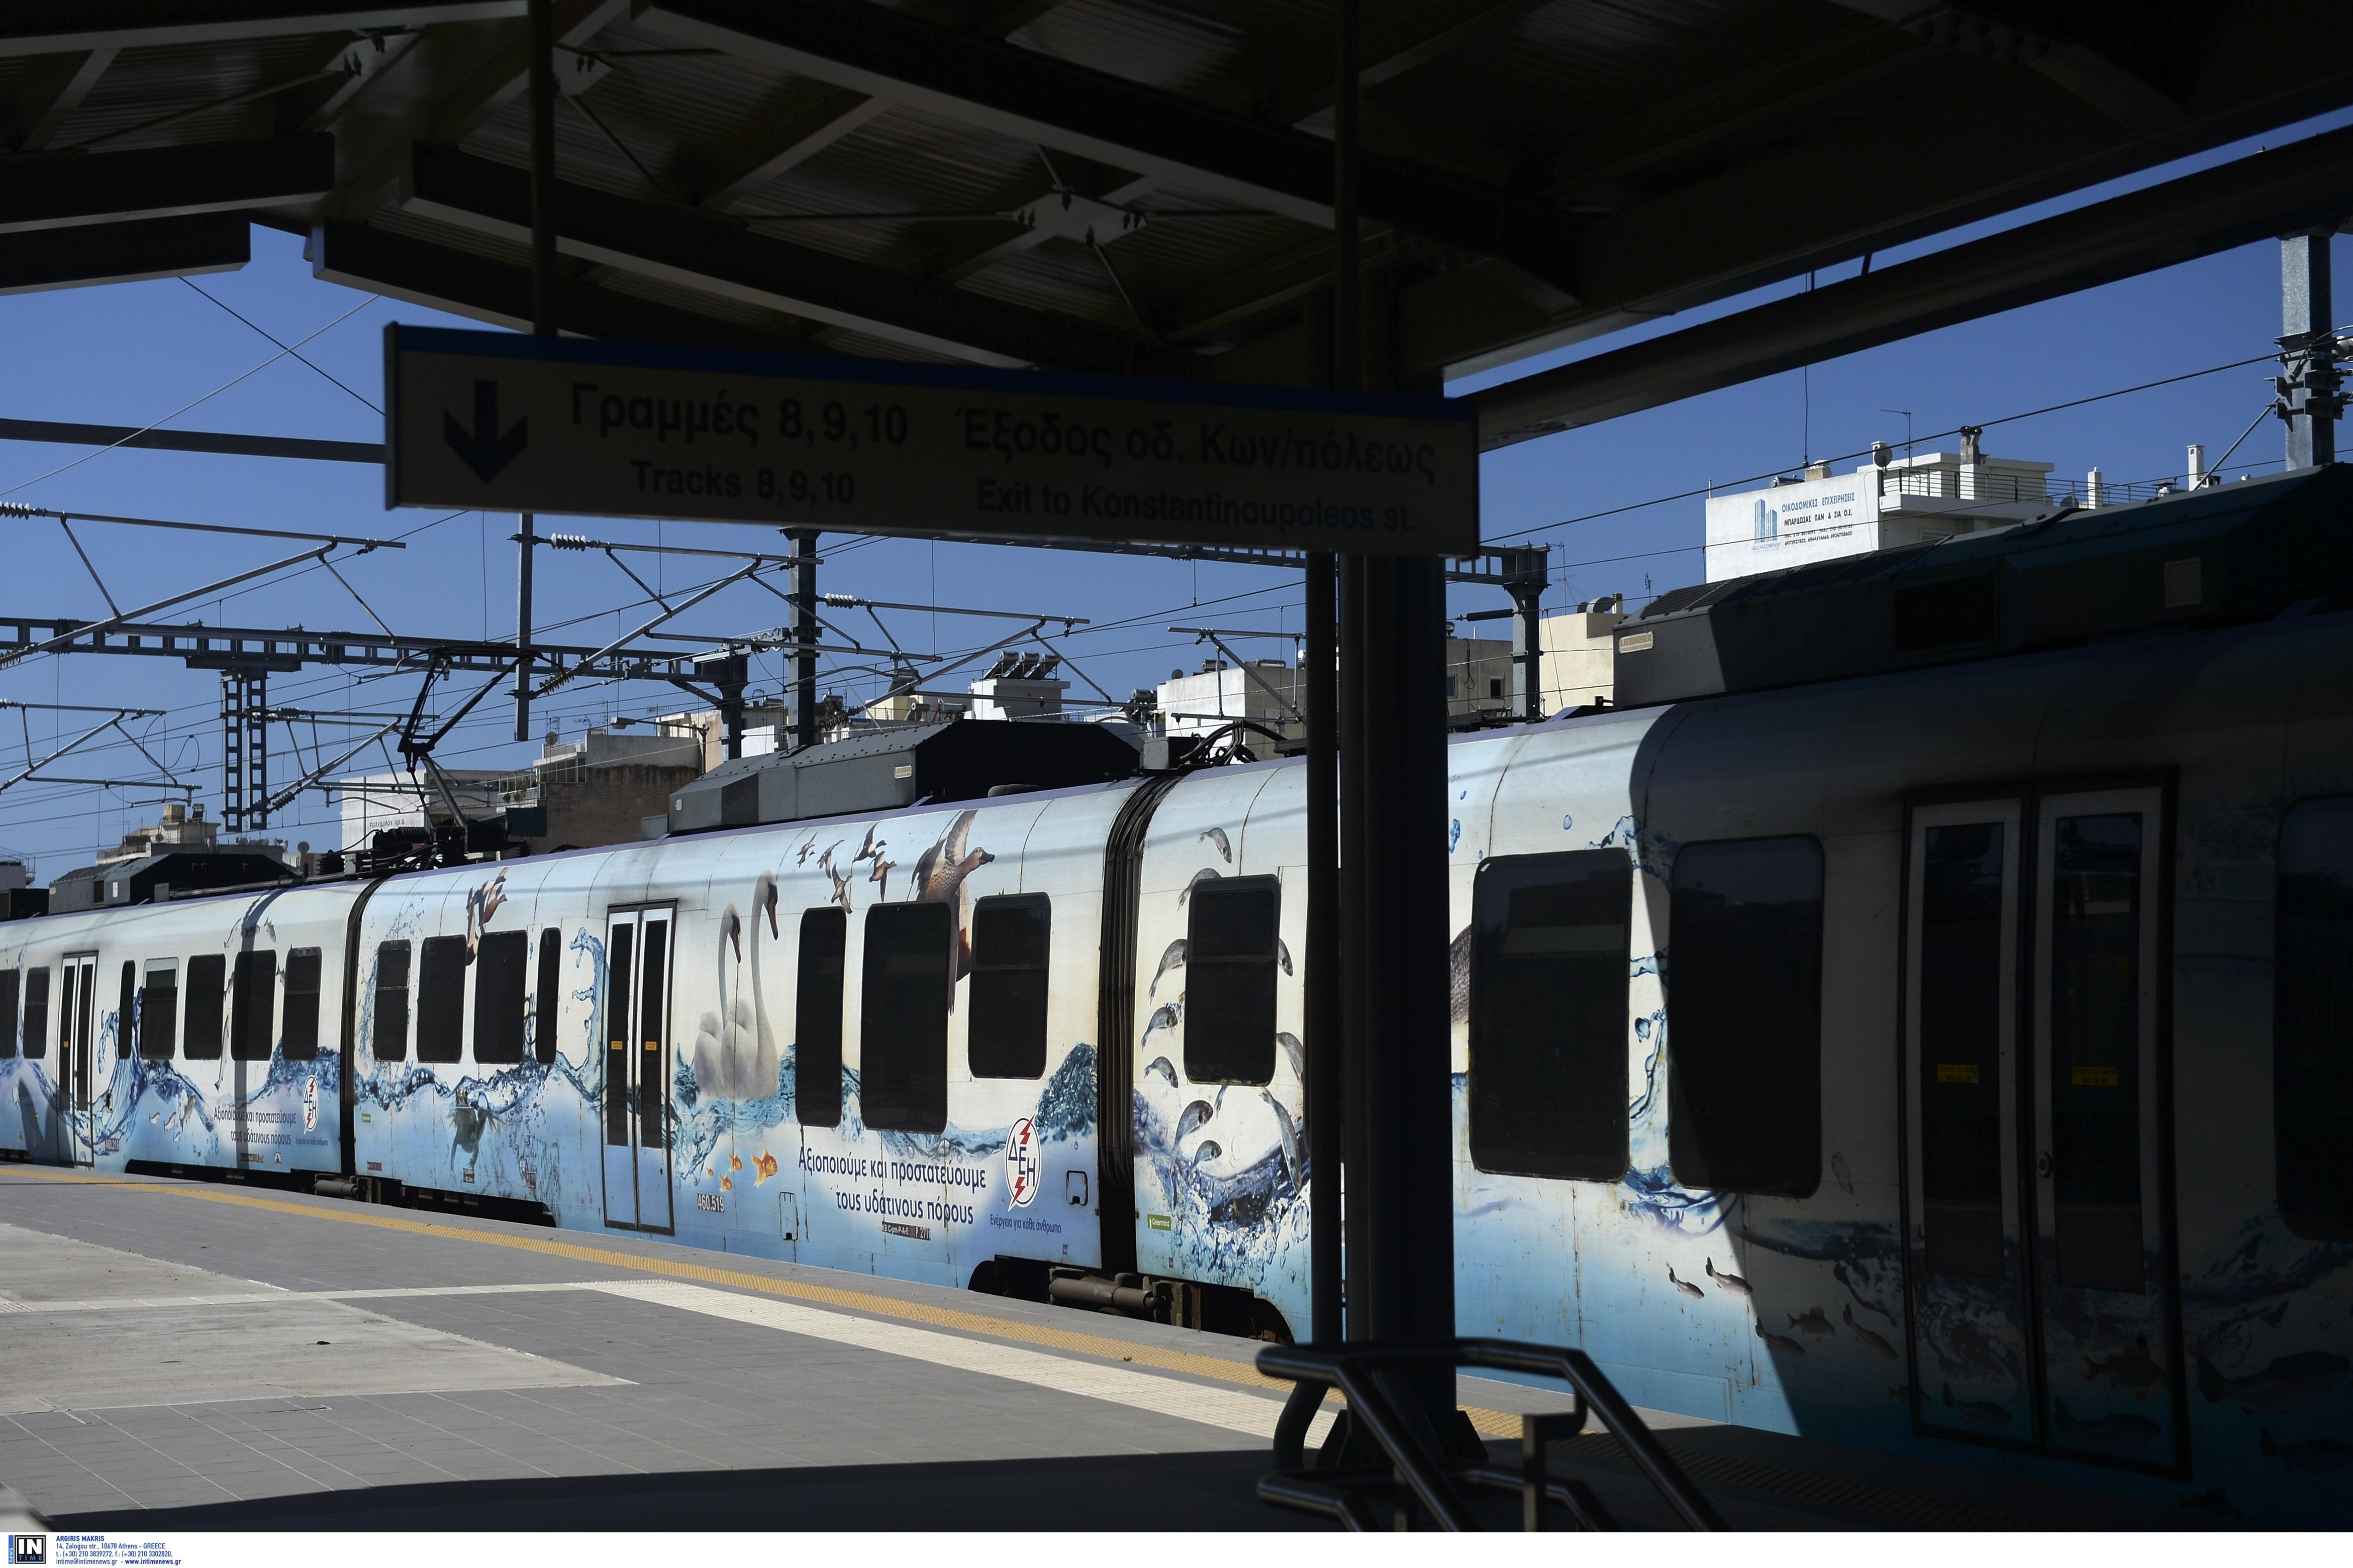 Κανονικά τα δρομολόγια στα τρένα και τον προαστιακό την Πέμπτη